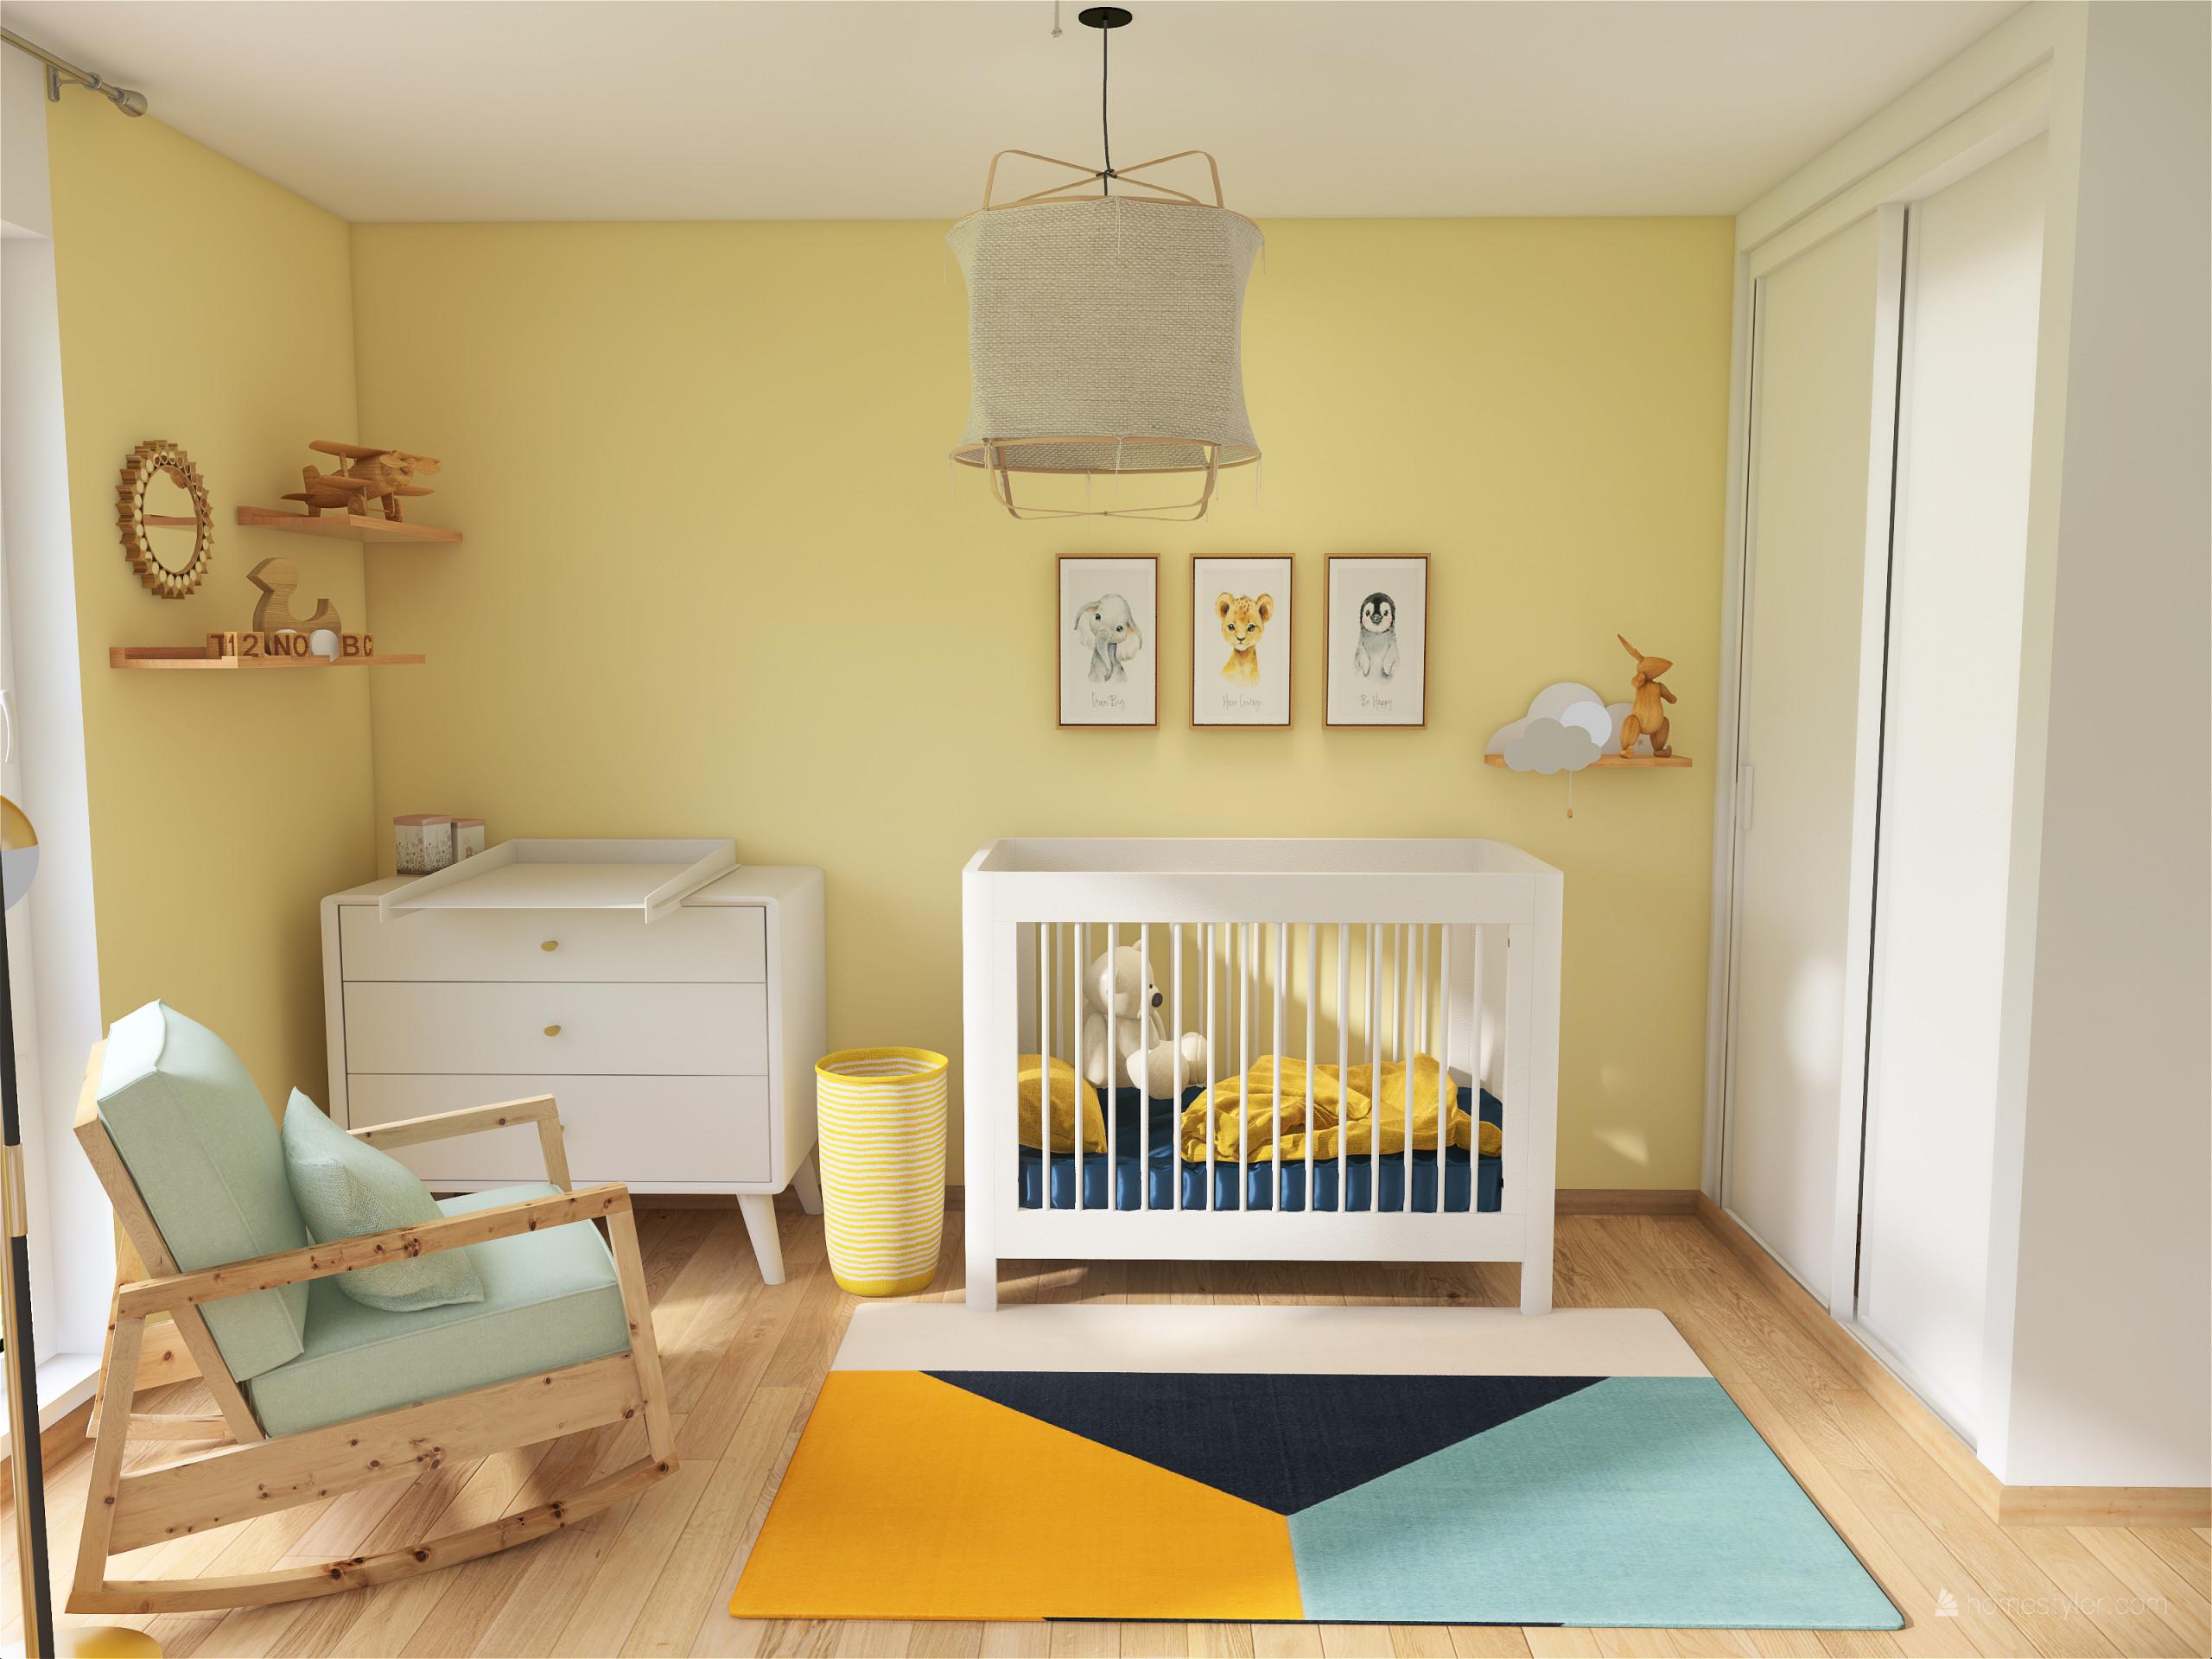 Projet ALFORTVILLE - Création d'une chambre de bébé